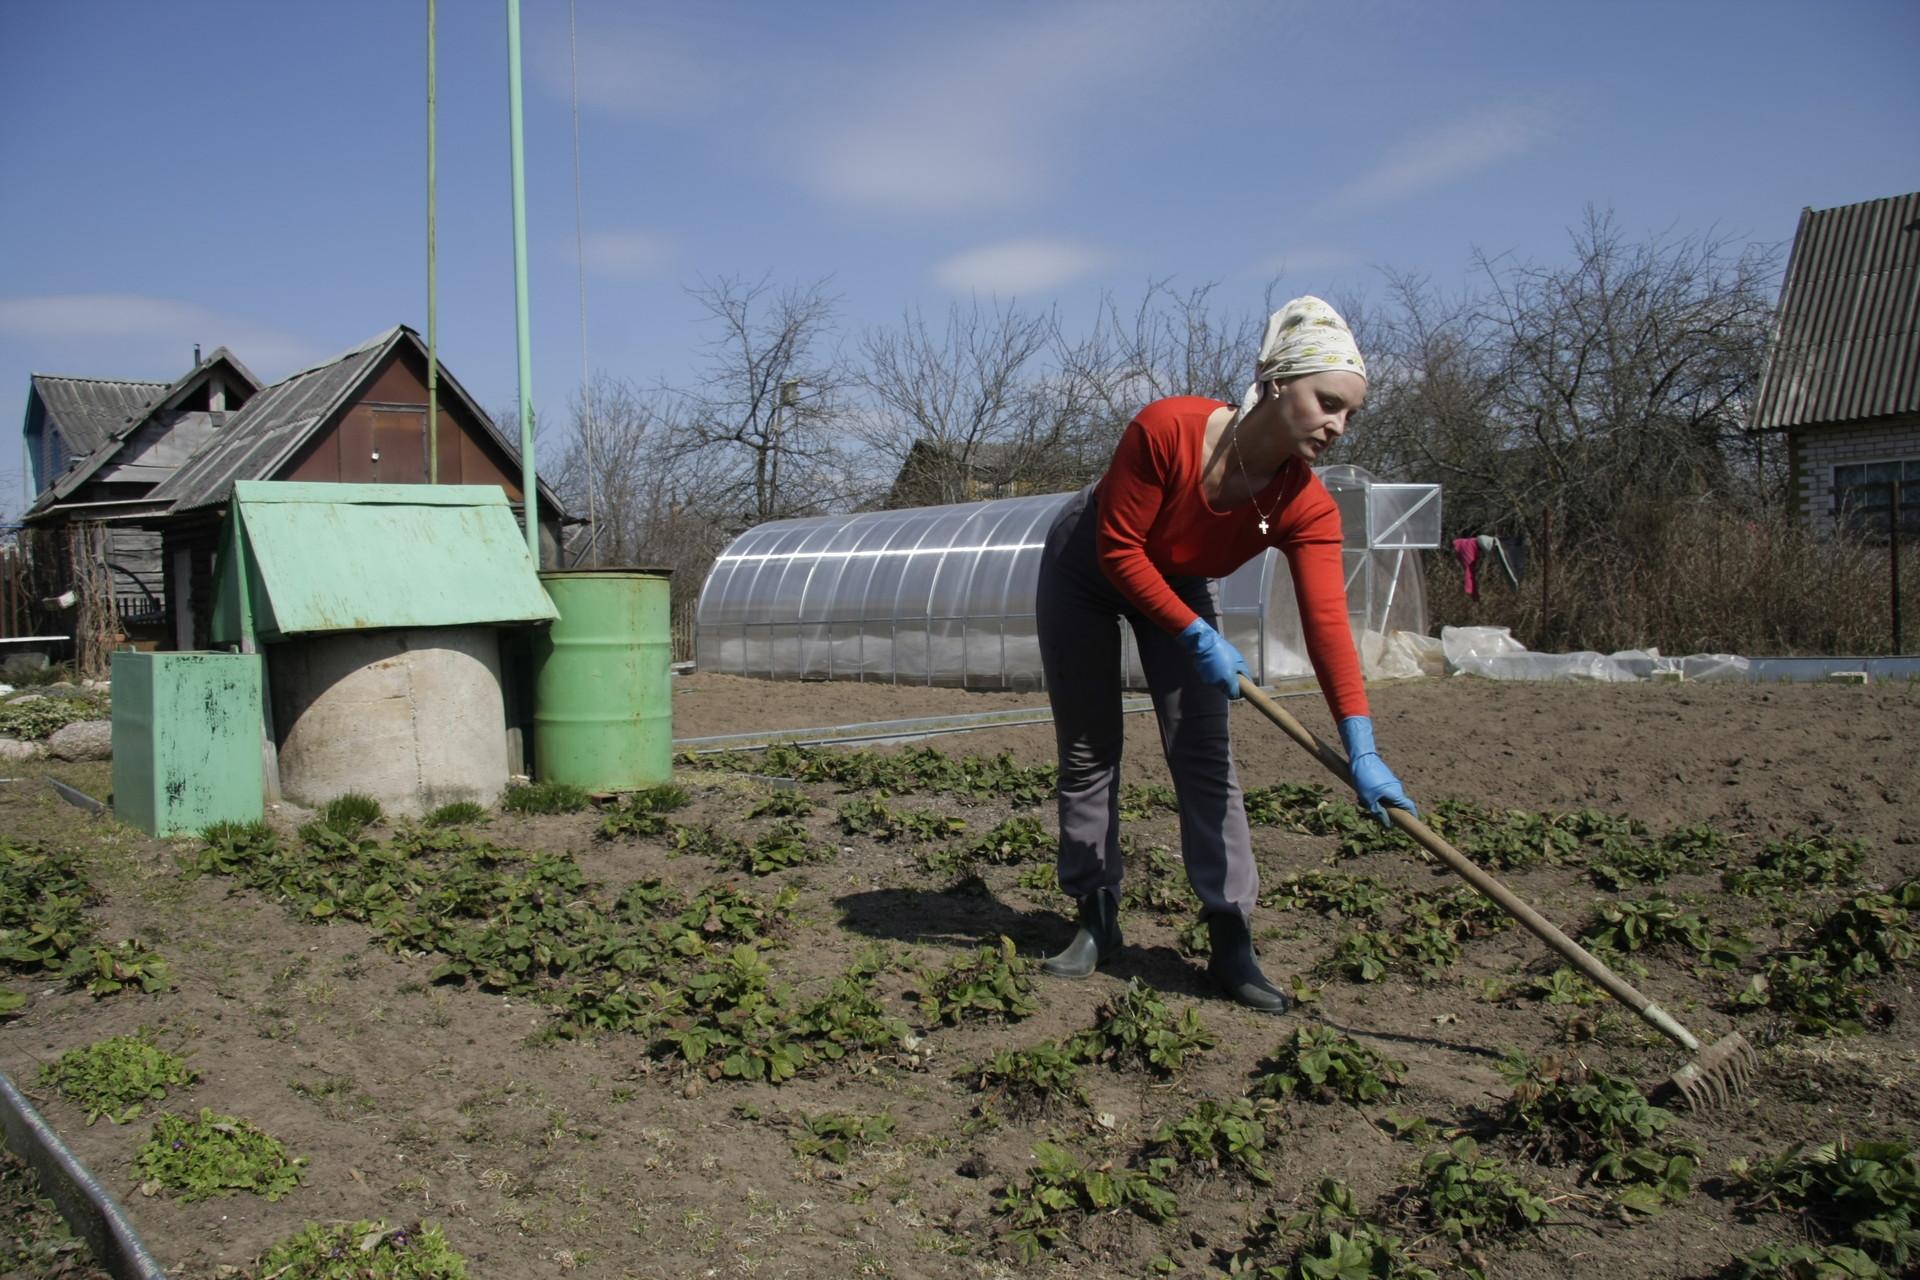 Псковичи могут бесплатно получить участок земли в  СНТ. Фото: Андрей Степанов.